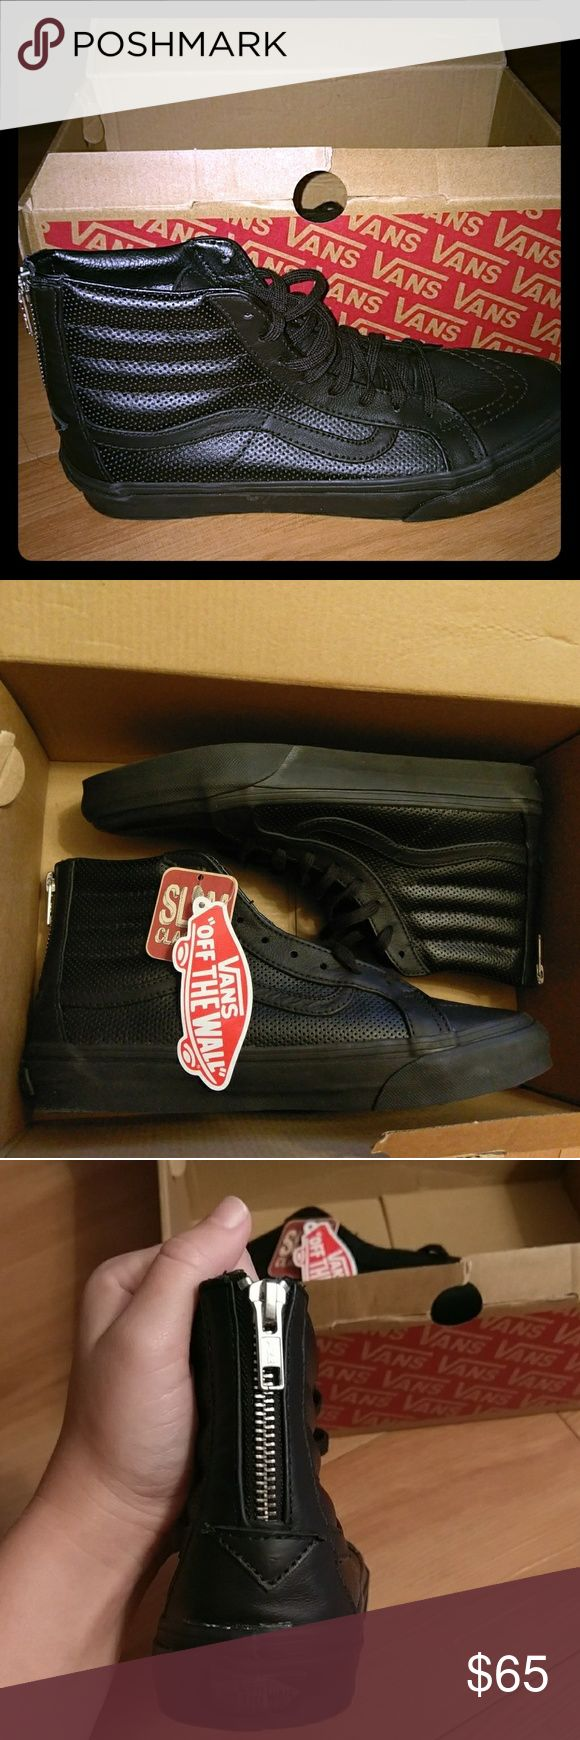 🔥 Sale Today Only!!! SK8-Hi Slim Zip Vans Size: 8.5 Women / 7.0 Men Brand: Vans Style: Sk8-Ho Slim Zip Black/Black Condition: BNWT & box Vans Shoes Sneakers